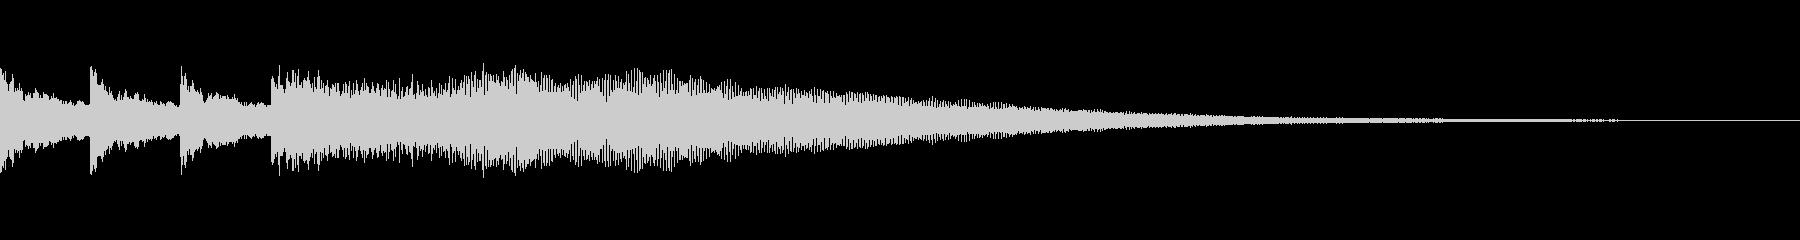 ボーナスリスピンワイルドカードスピン獲得の未再生の波形